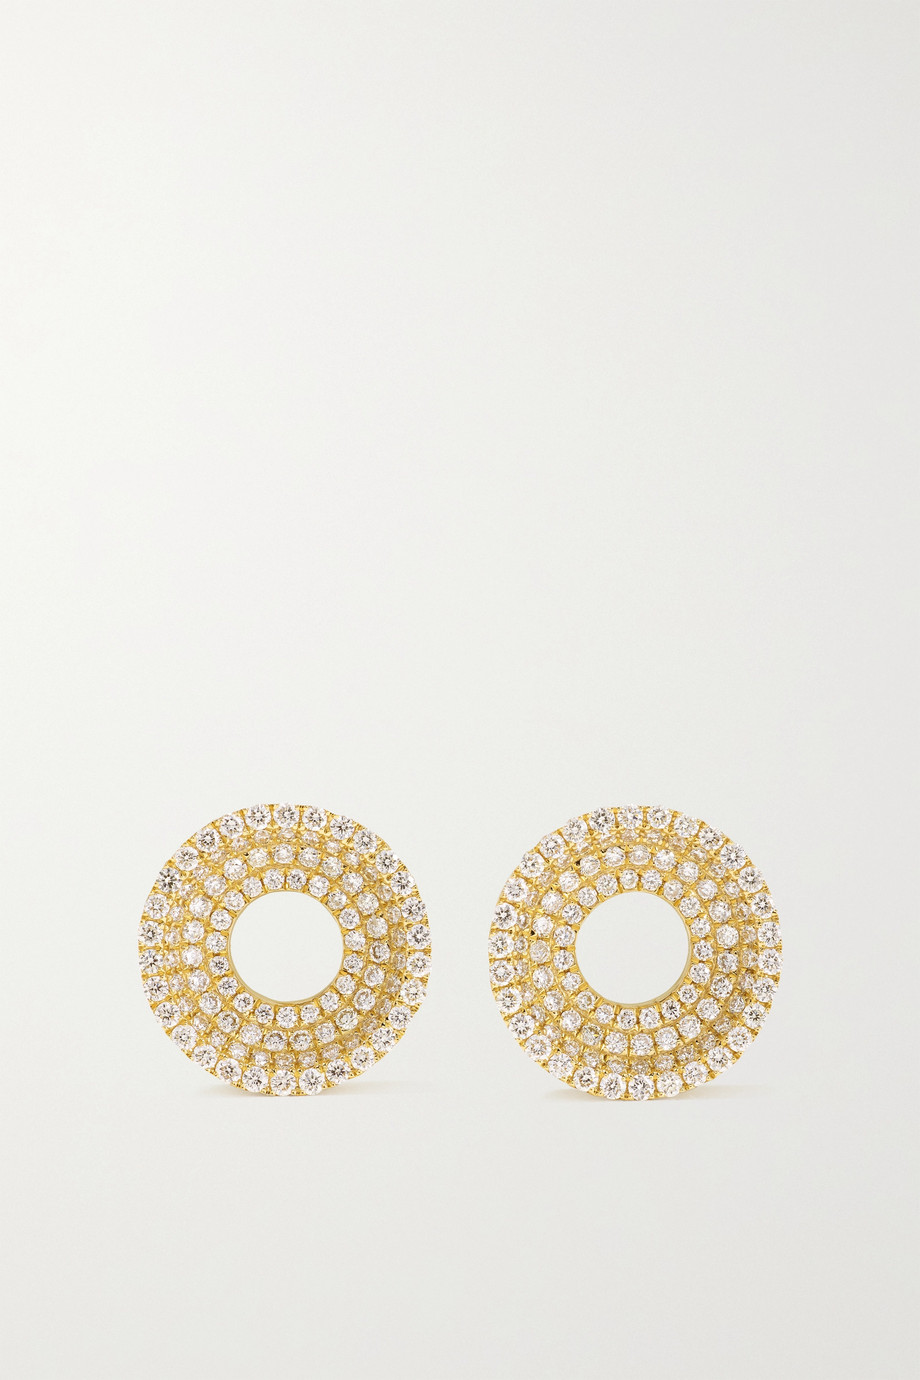 State Property Boucles d'oreilles en or 18 carats et diamants Drew